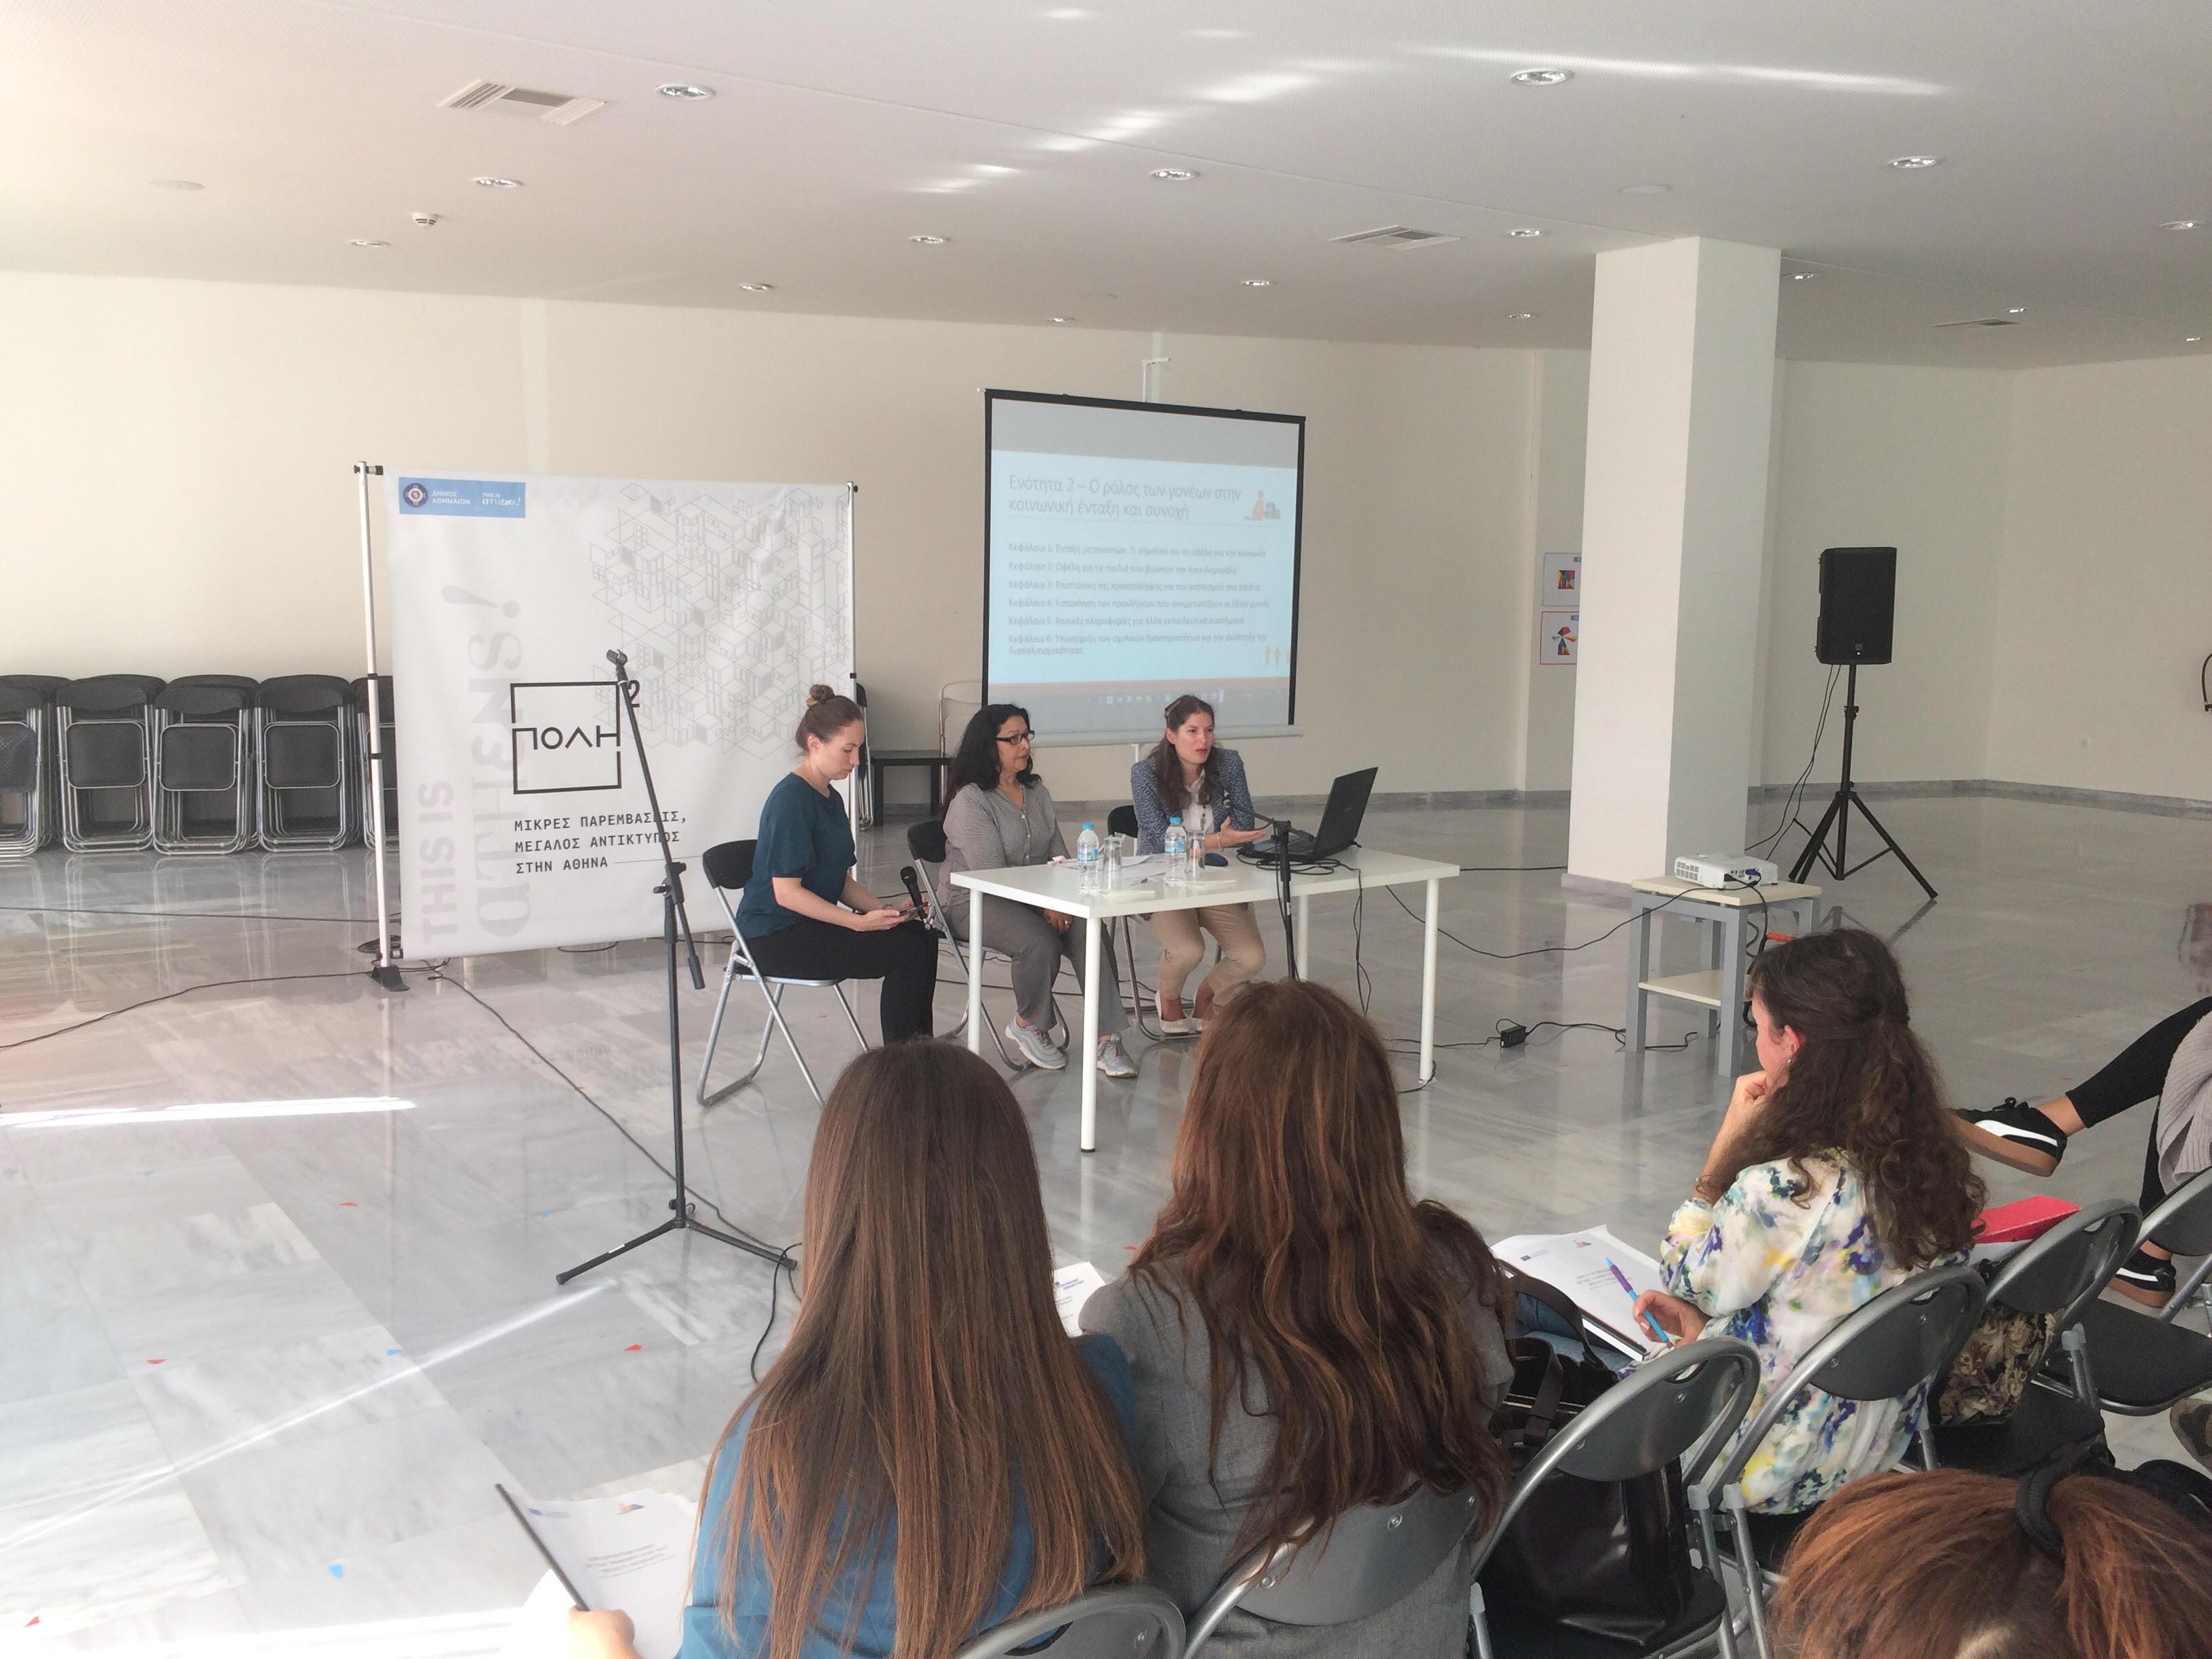 παρουσίαση προγράμματος εκπαίδευσης στην Αθήνα, μεταναστών και προσφύγων